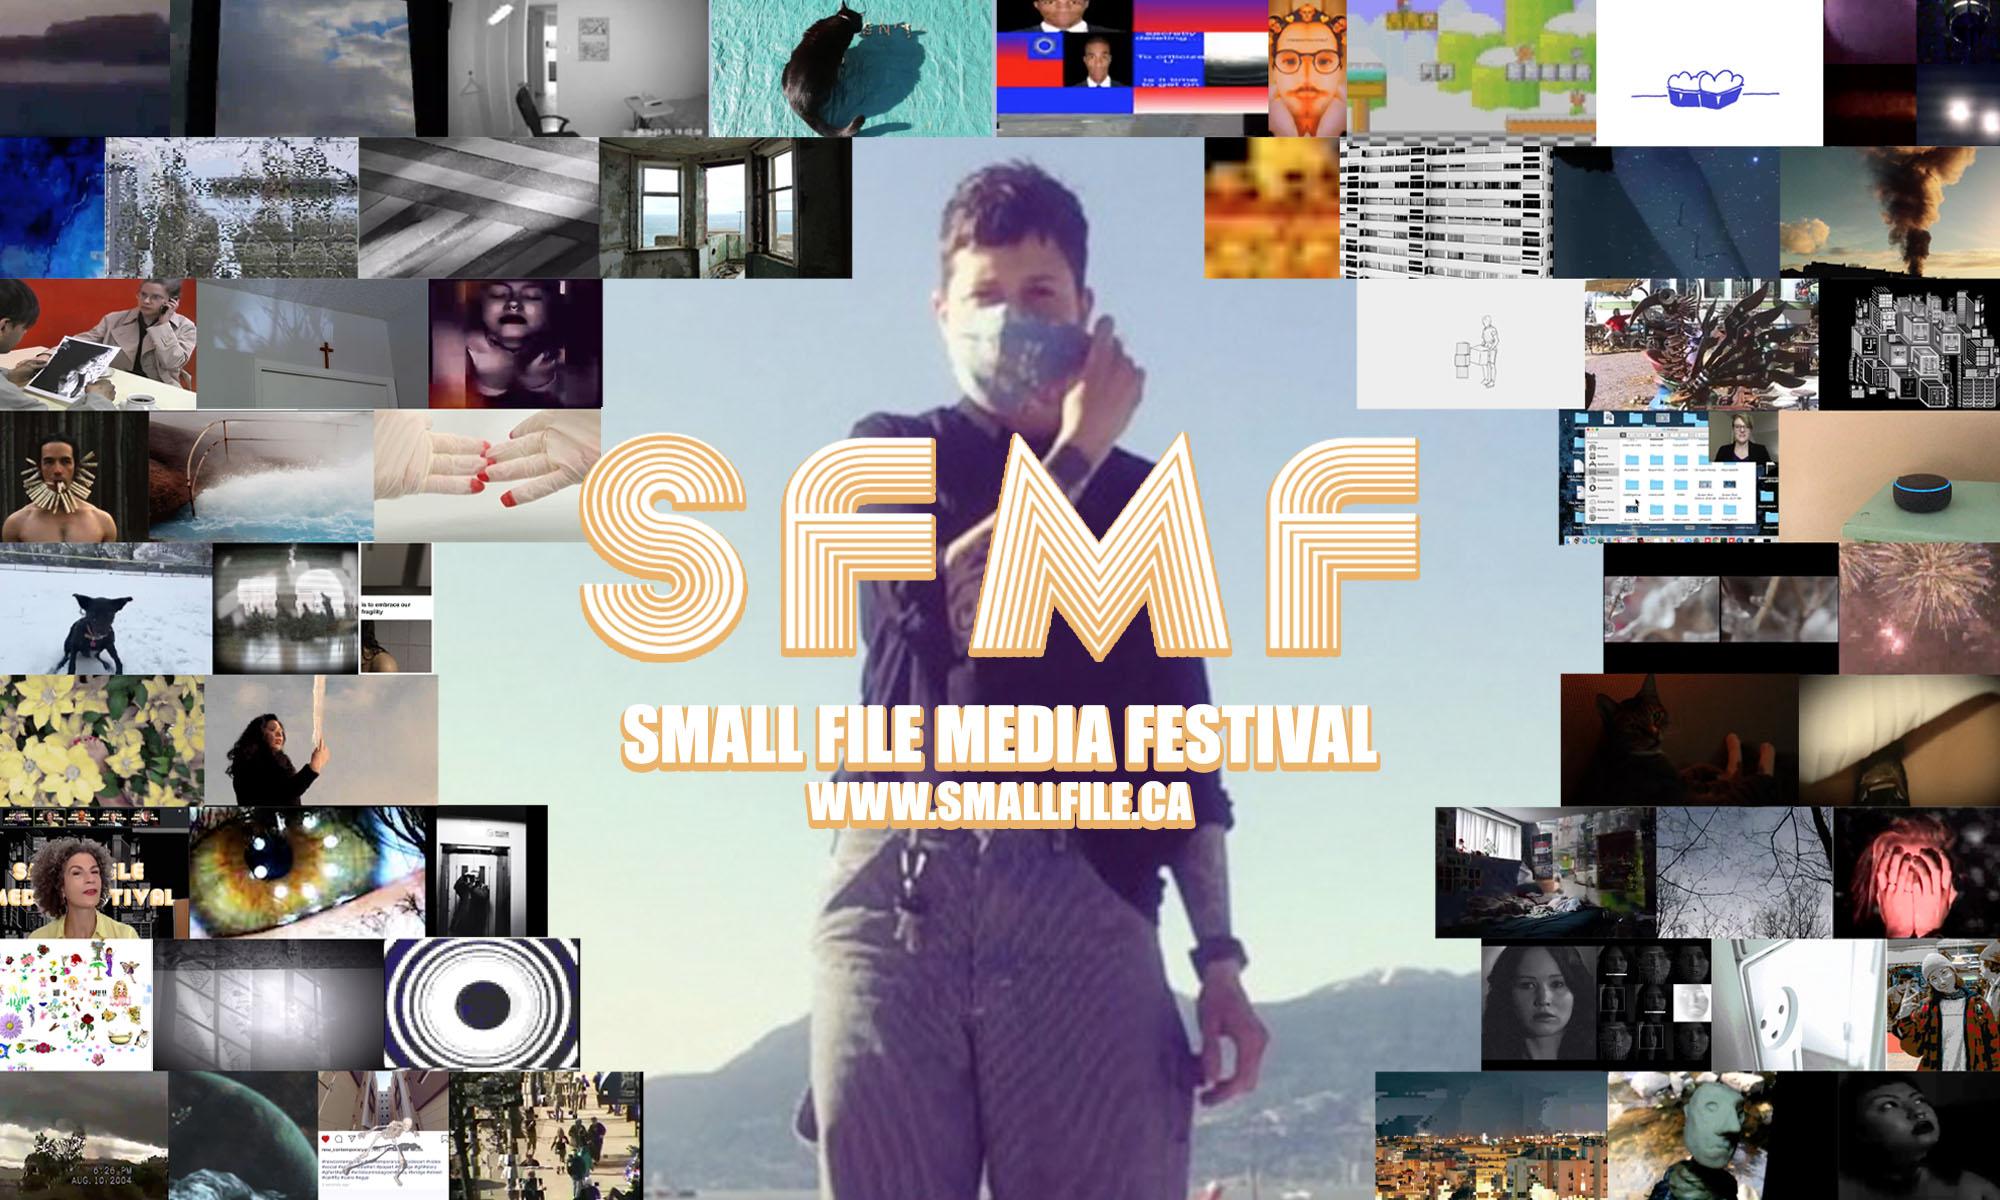 Small File Media Festival